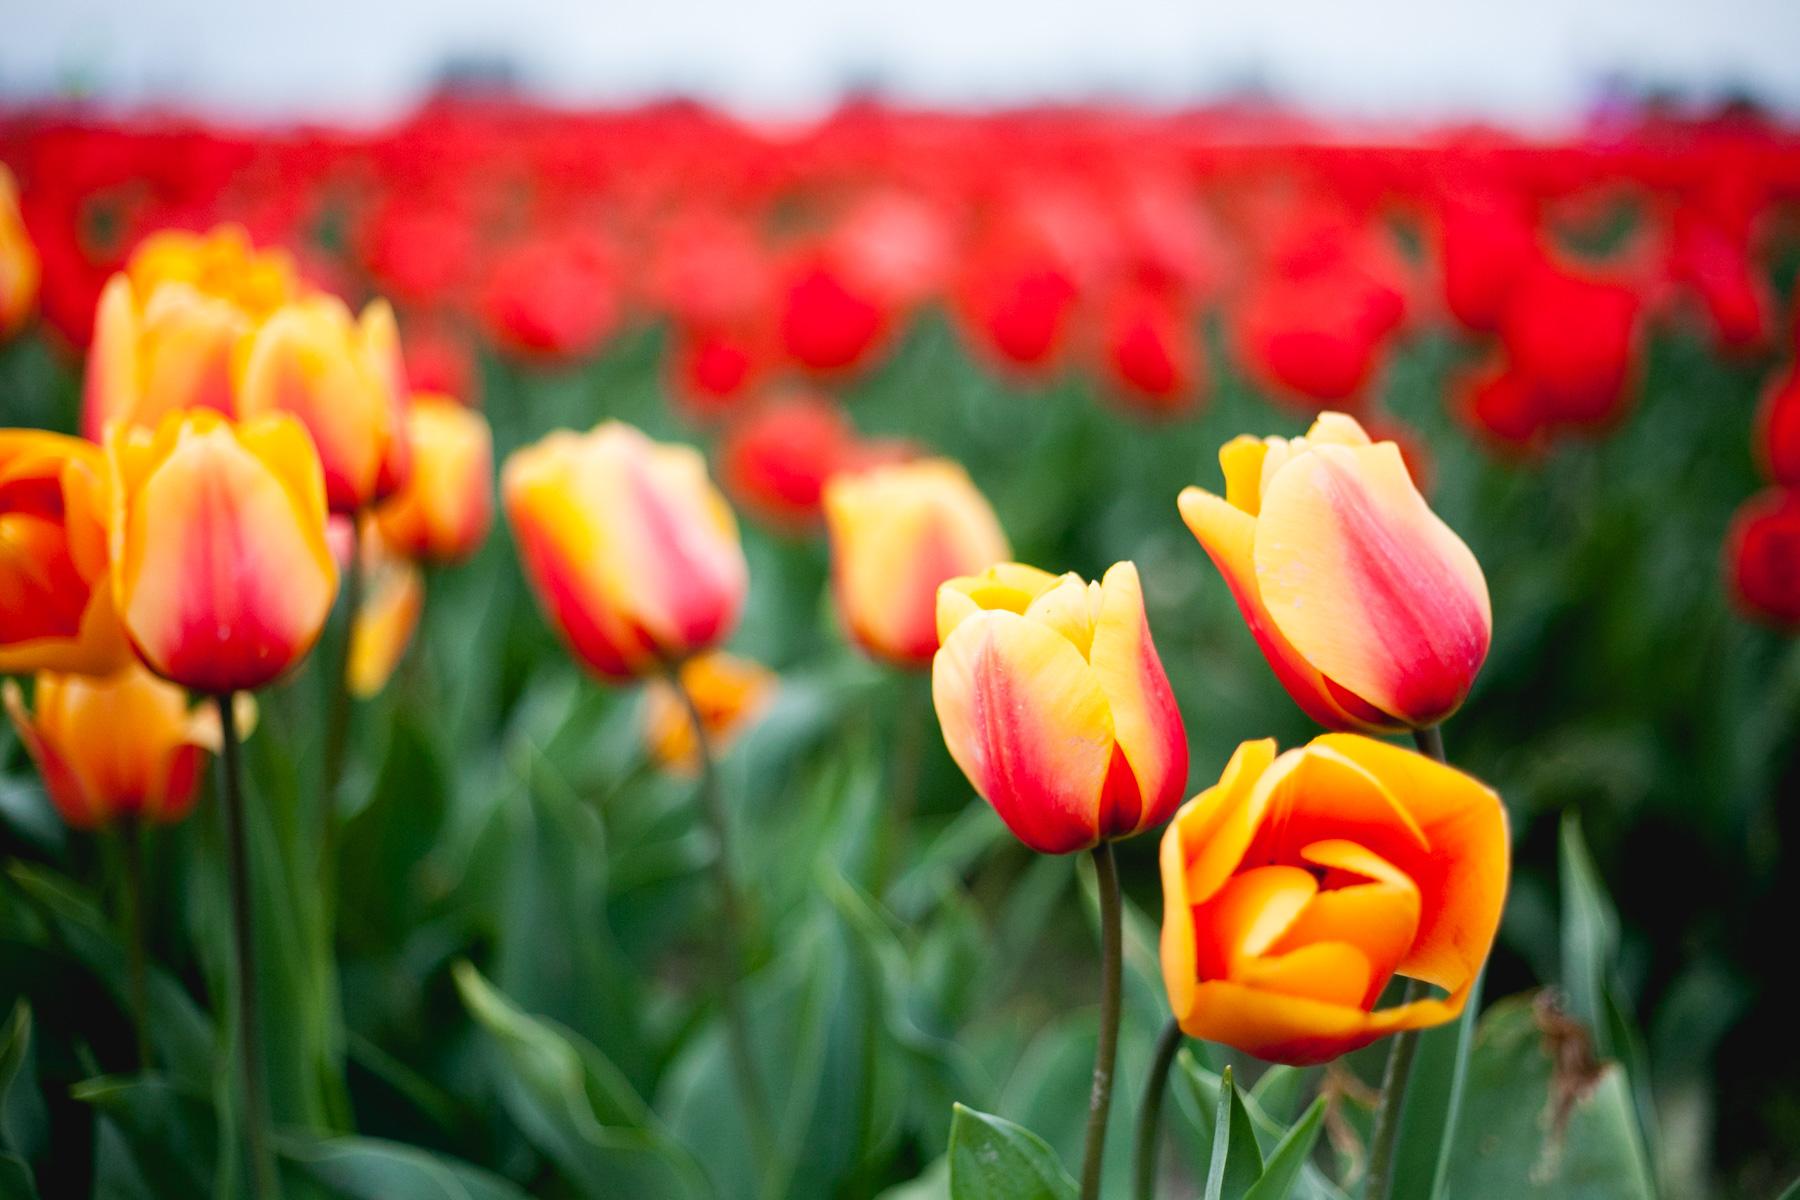 skagit-tulips-orange-red_annette-rotz.jpg